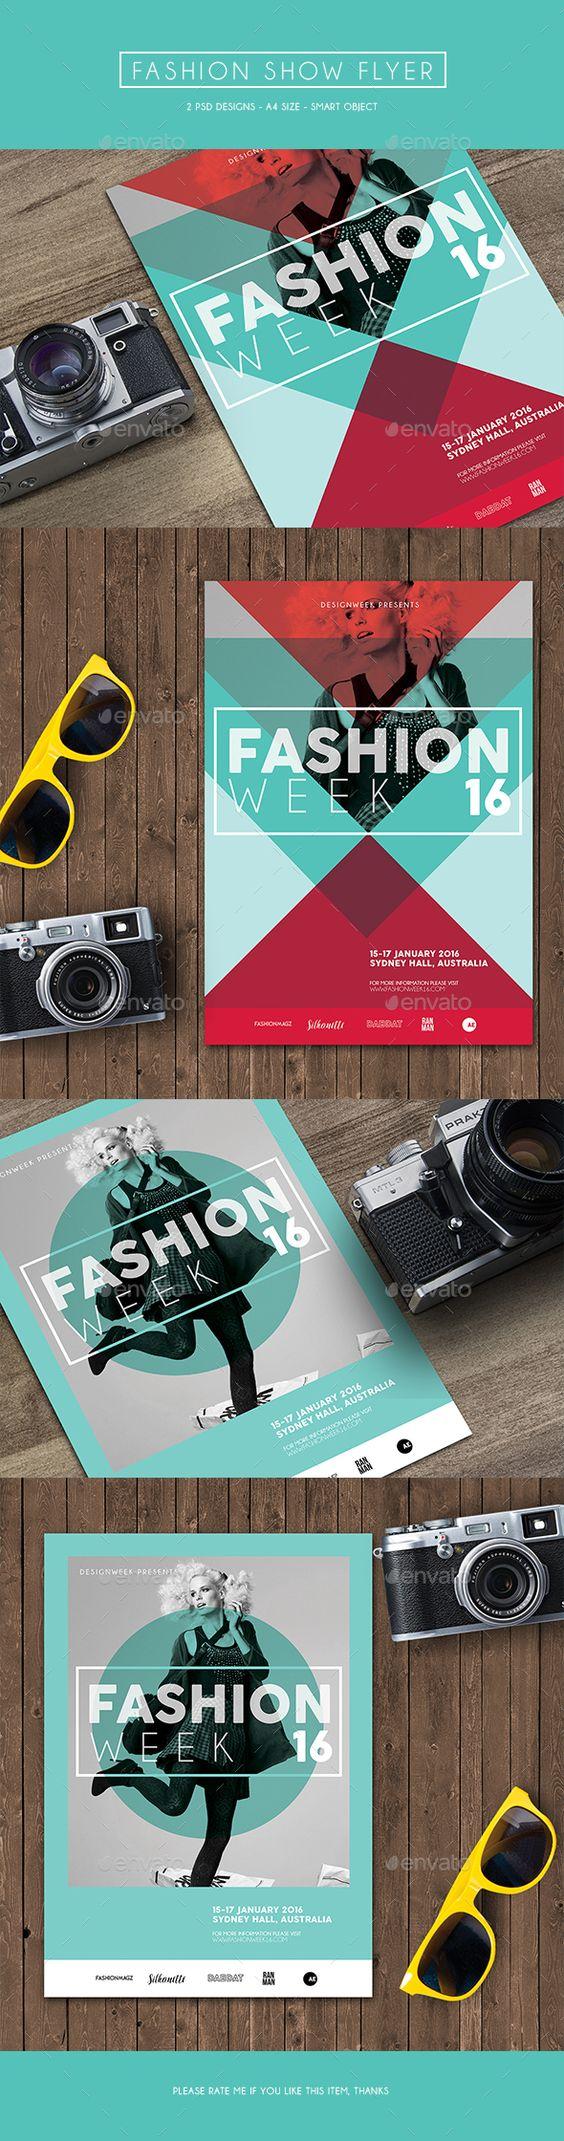 Cómo diseñar un folleto para un evento